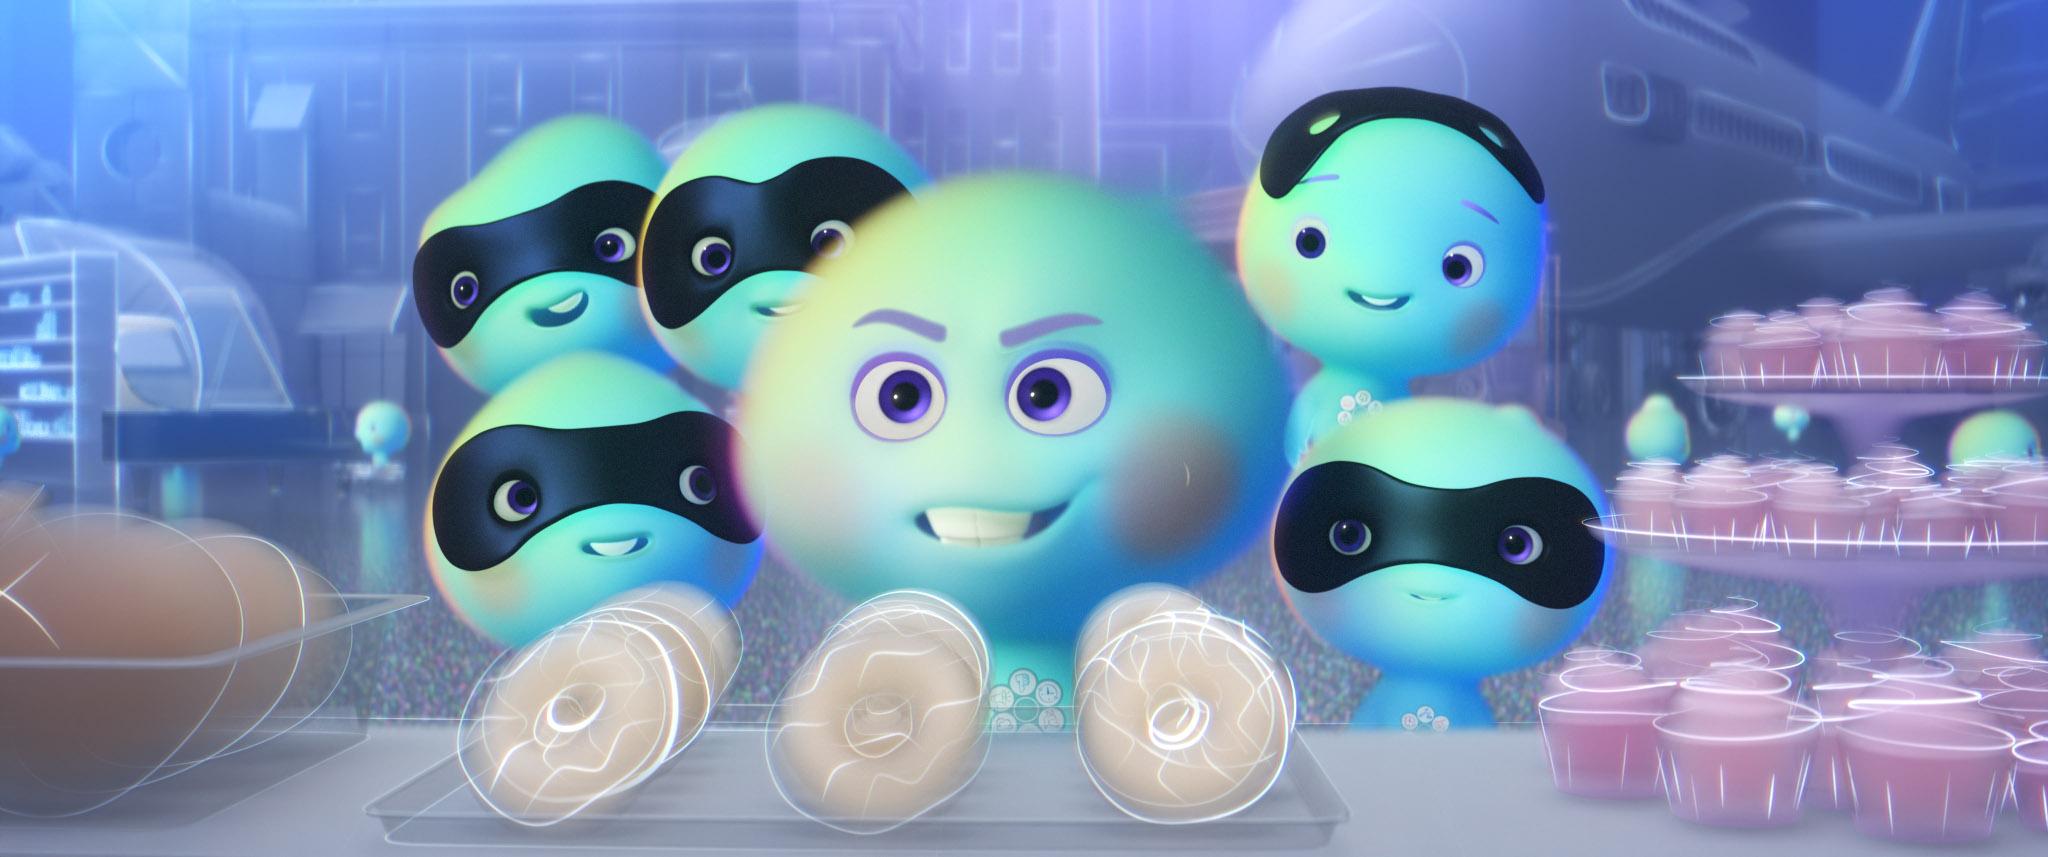 22 Contra a Terra, curta derivado de Soul, ganha data de estreia no Disney+